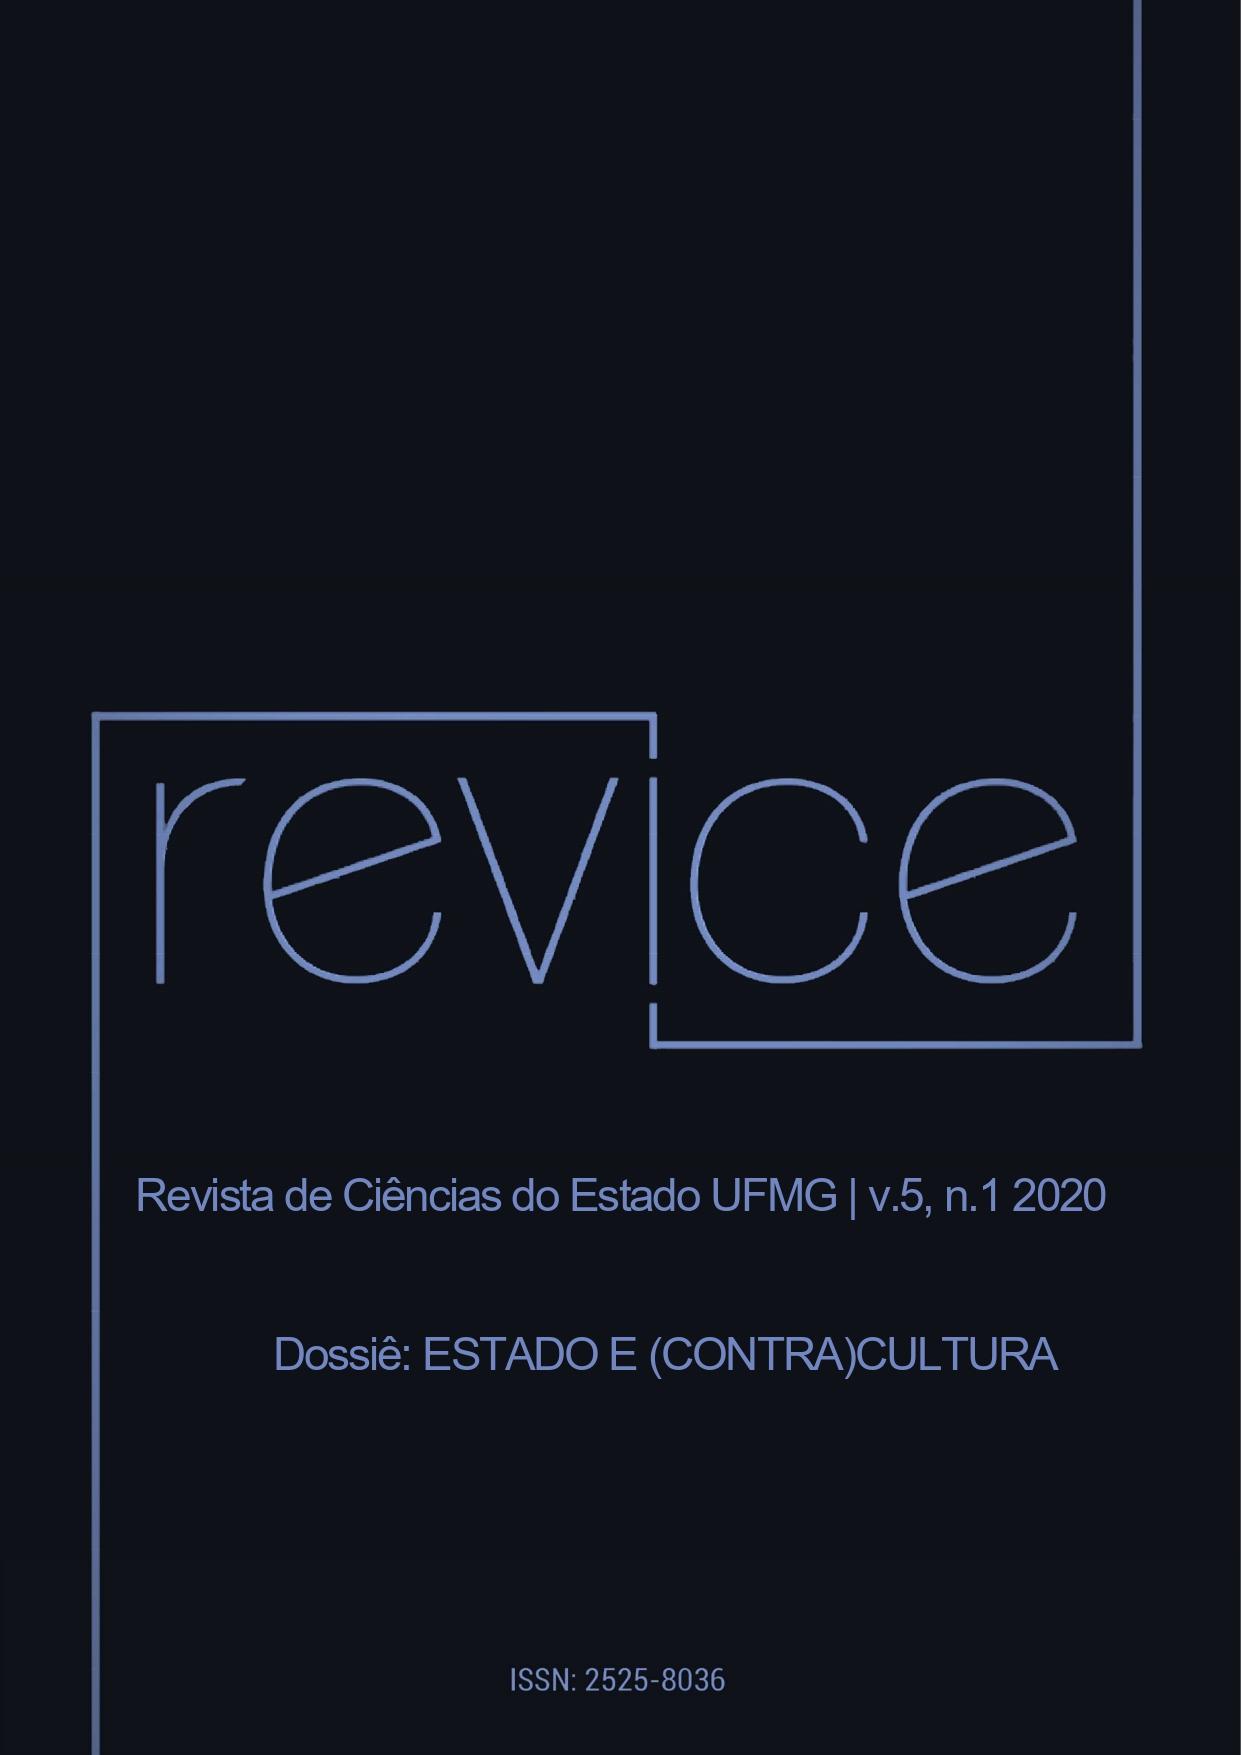 Visualizar v. 5 n. 1 (2020): Estado e (contra)cultura II